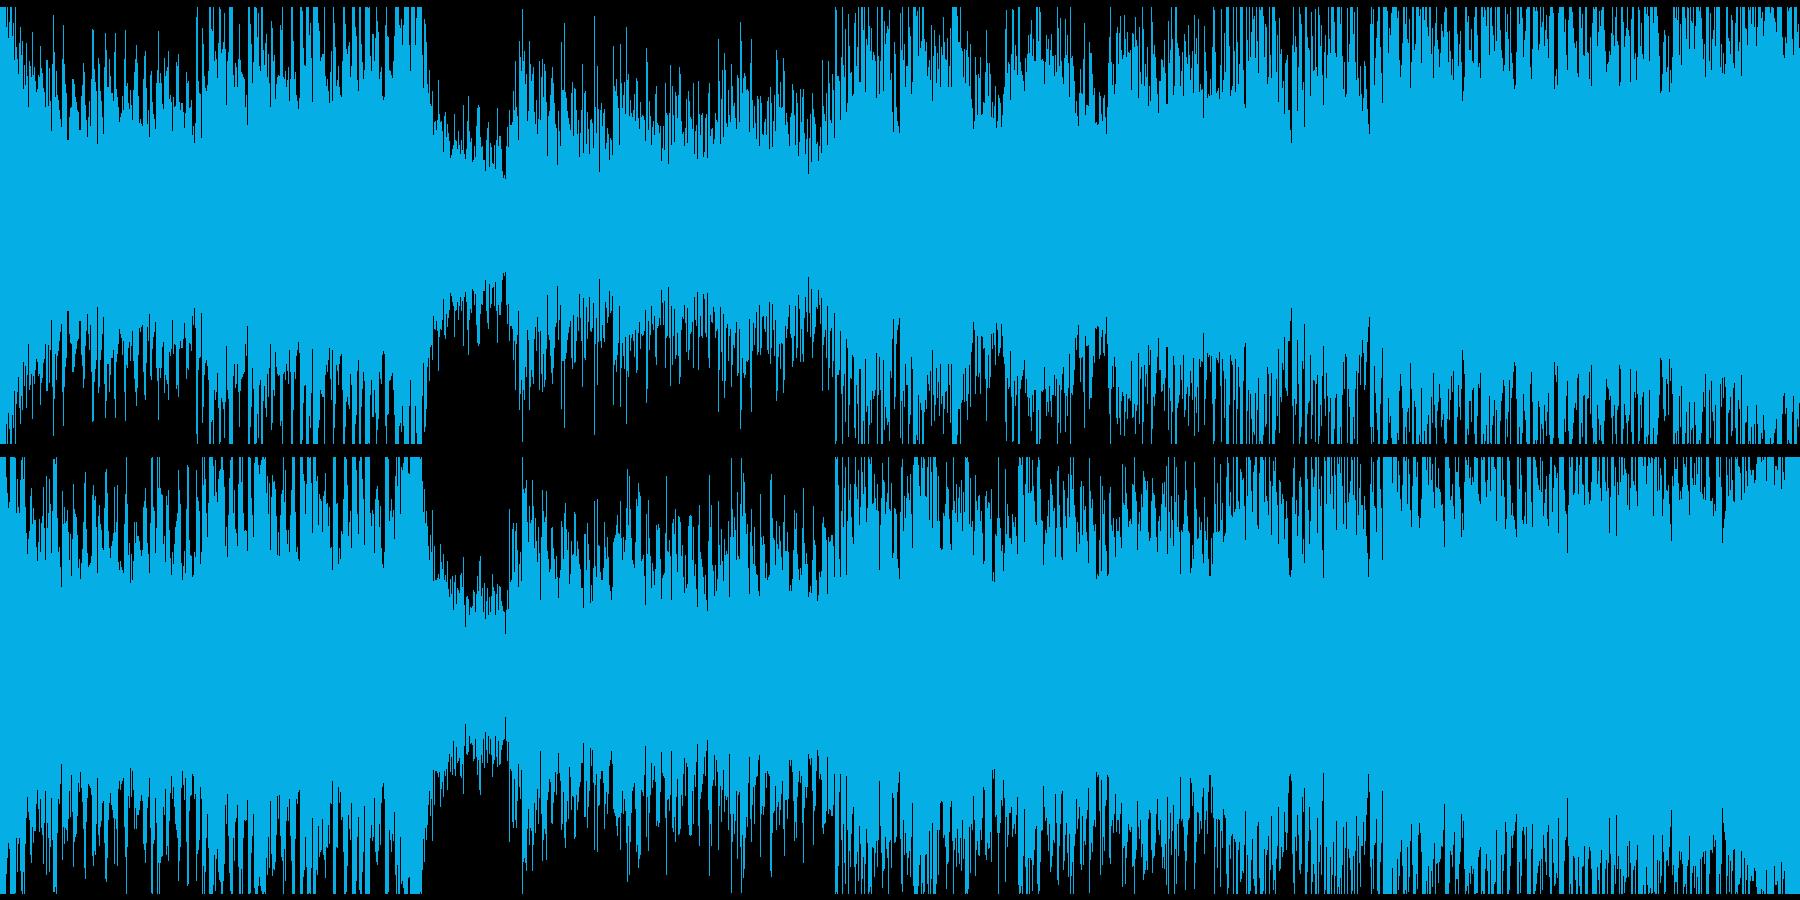 緊急事態発生!緊迫したアップテンポの曲の再生済みの波形